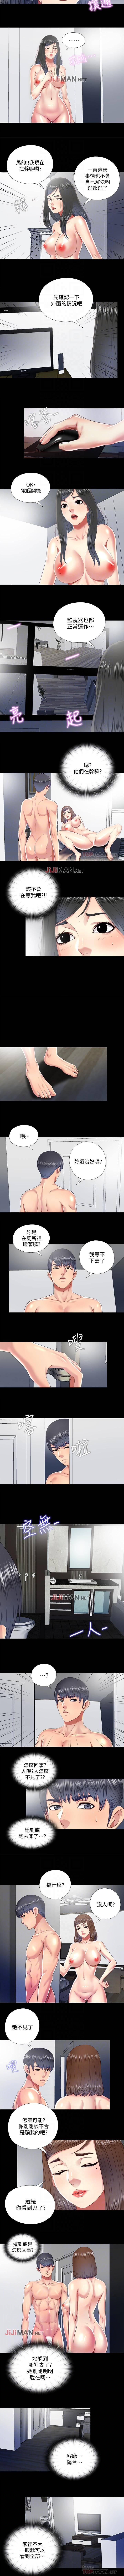 【已完结】同居捉迷藏(作者:林巨星) 第1~30话 80